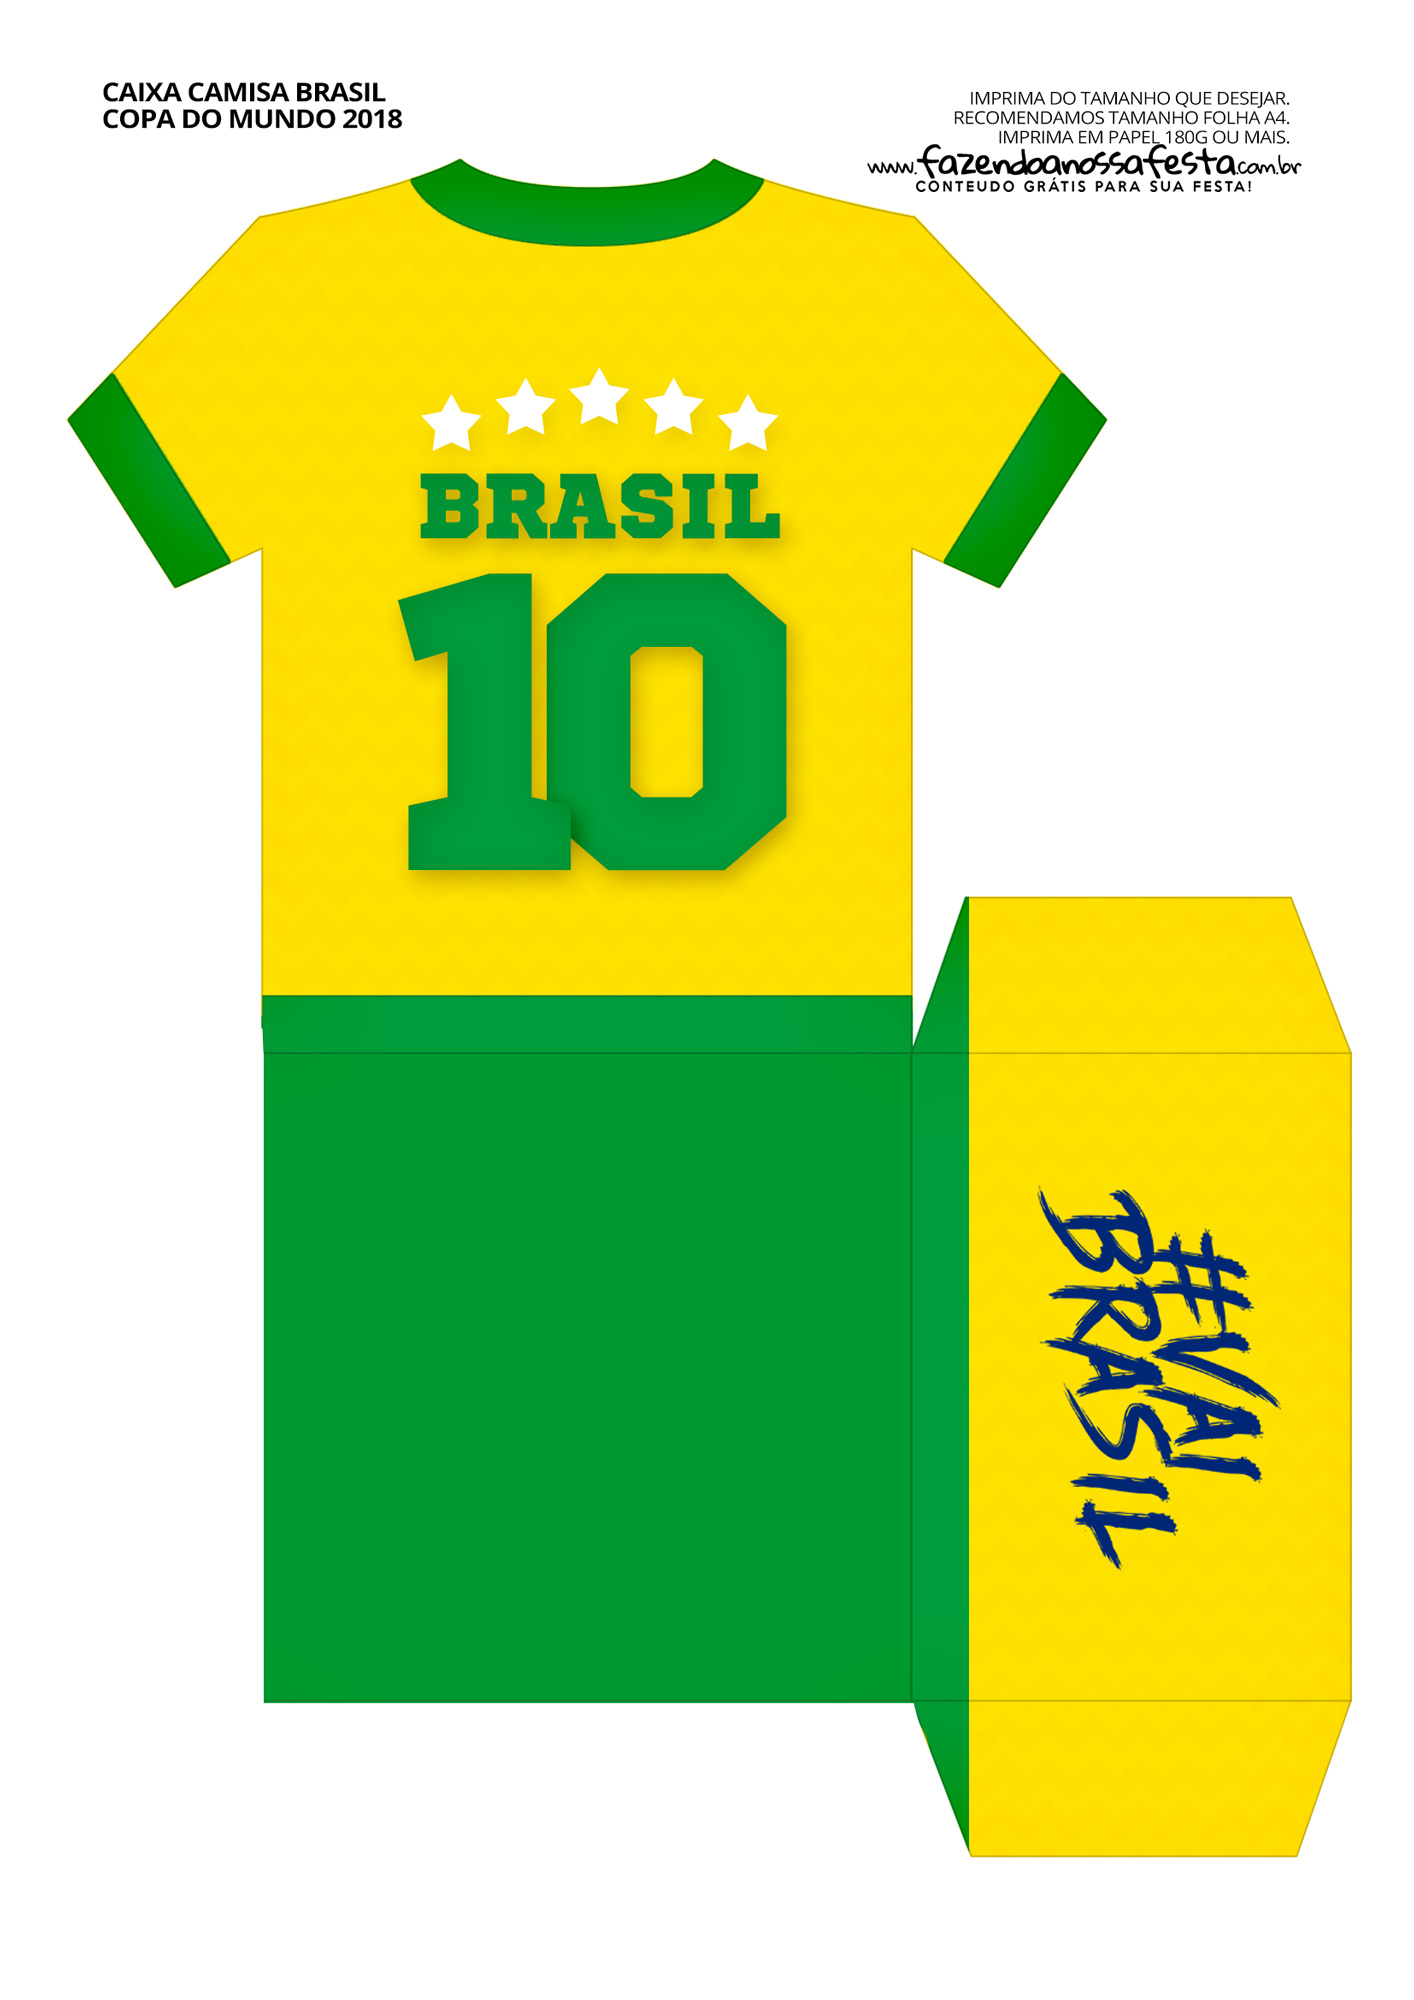 Caixa Camisa Copa do Mundo parte 1